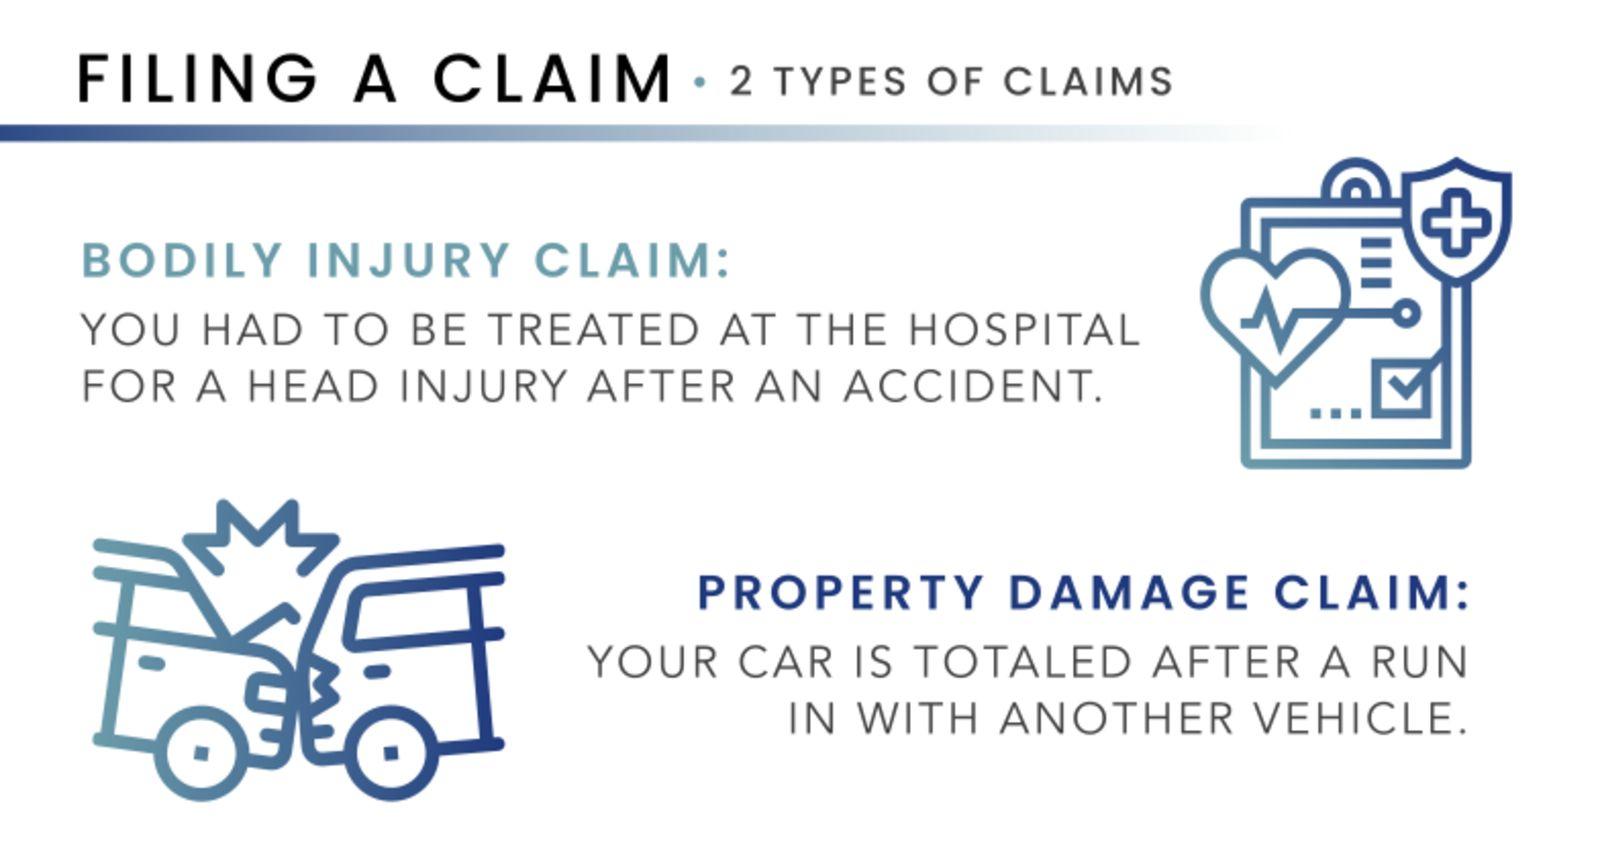 Filing a Claim